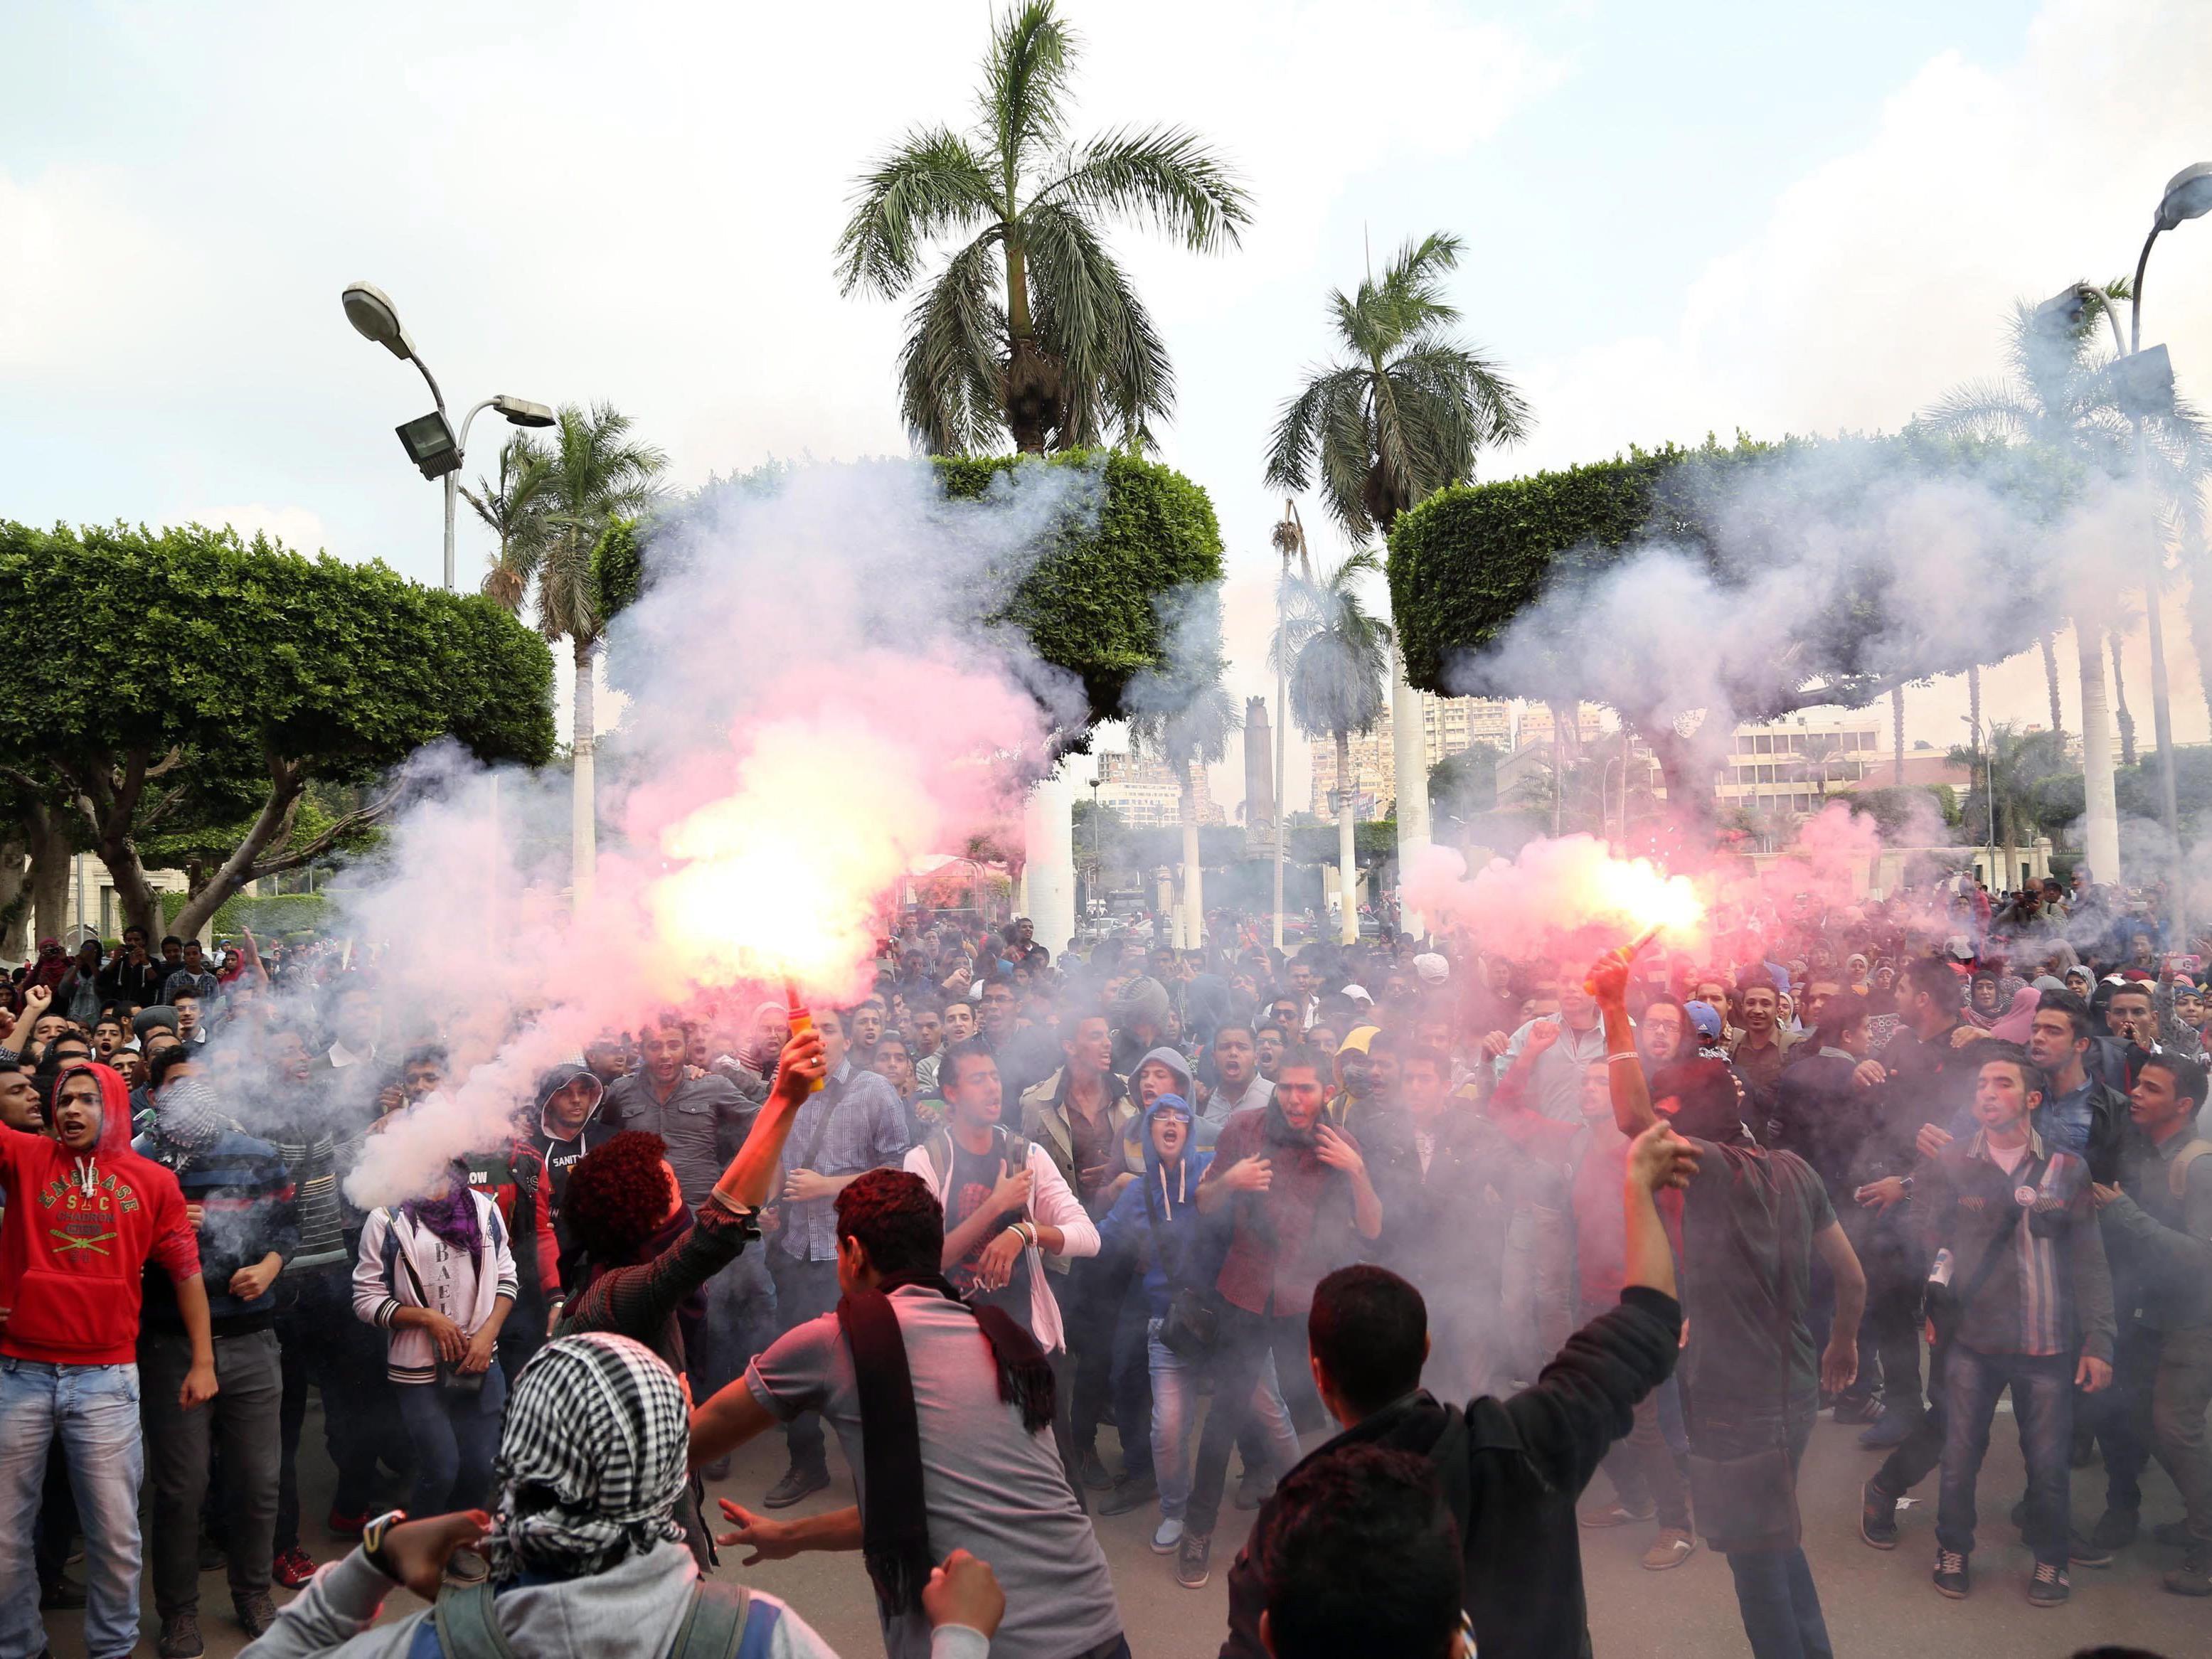 Sicherheitskräfte gingen im August 2013 mit großer Härte gegen Mursi-Anhänger vor.